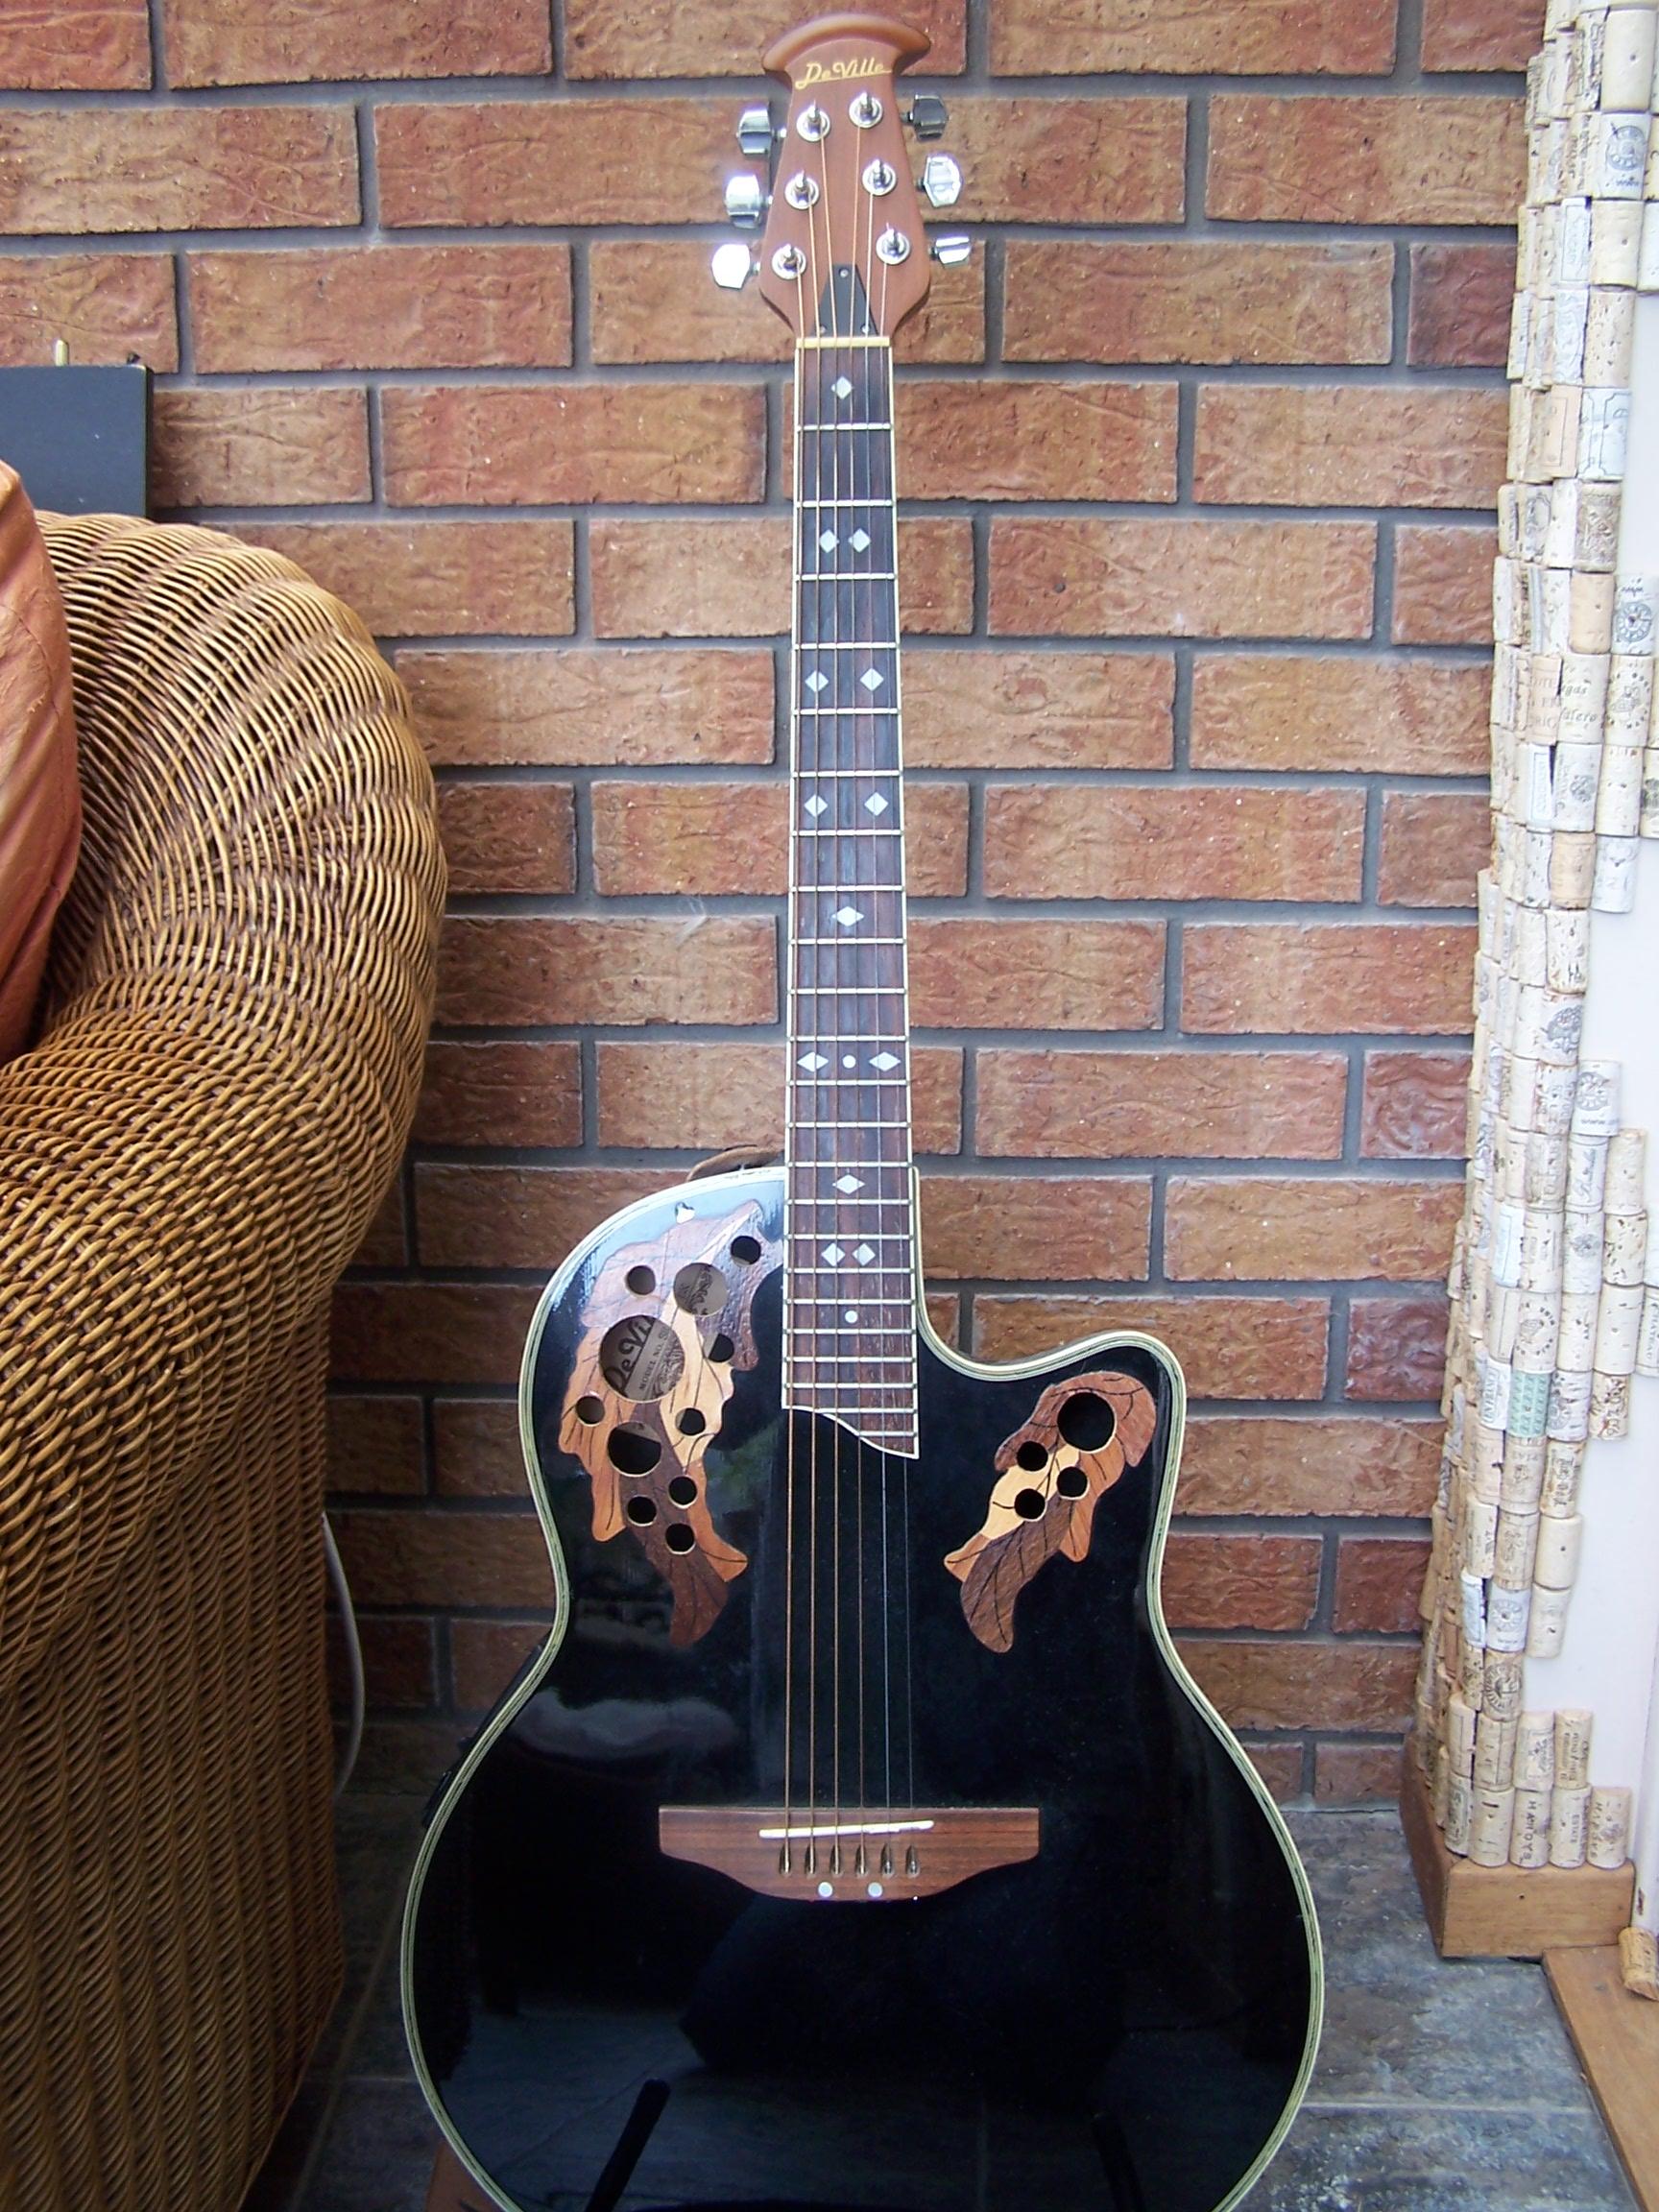 deville guitars andrewcferguson. Black Bedroom Furniture Sets. Home Design Ideas